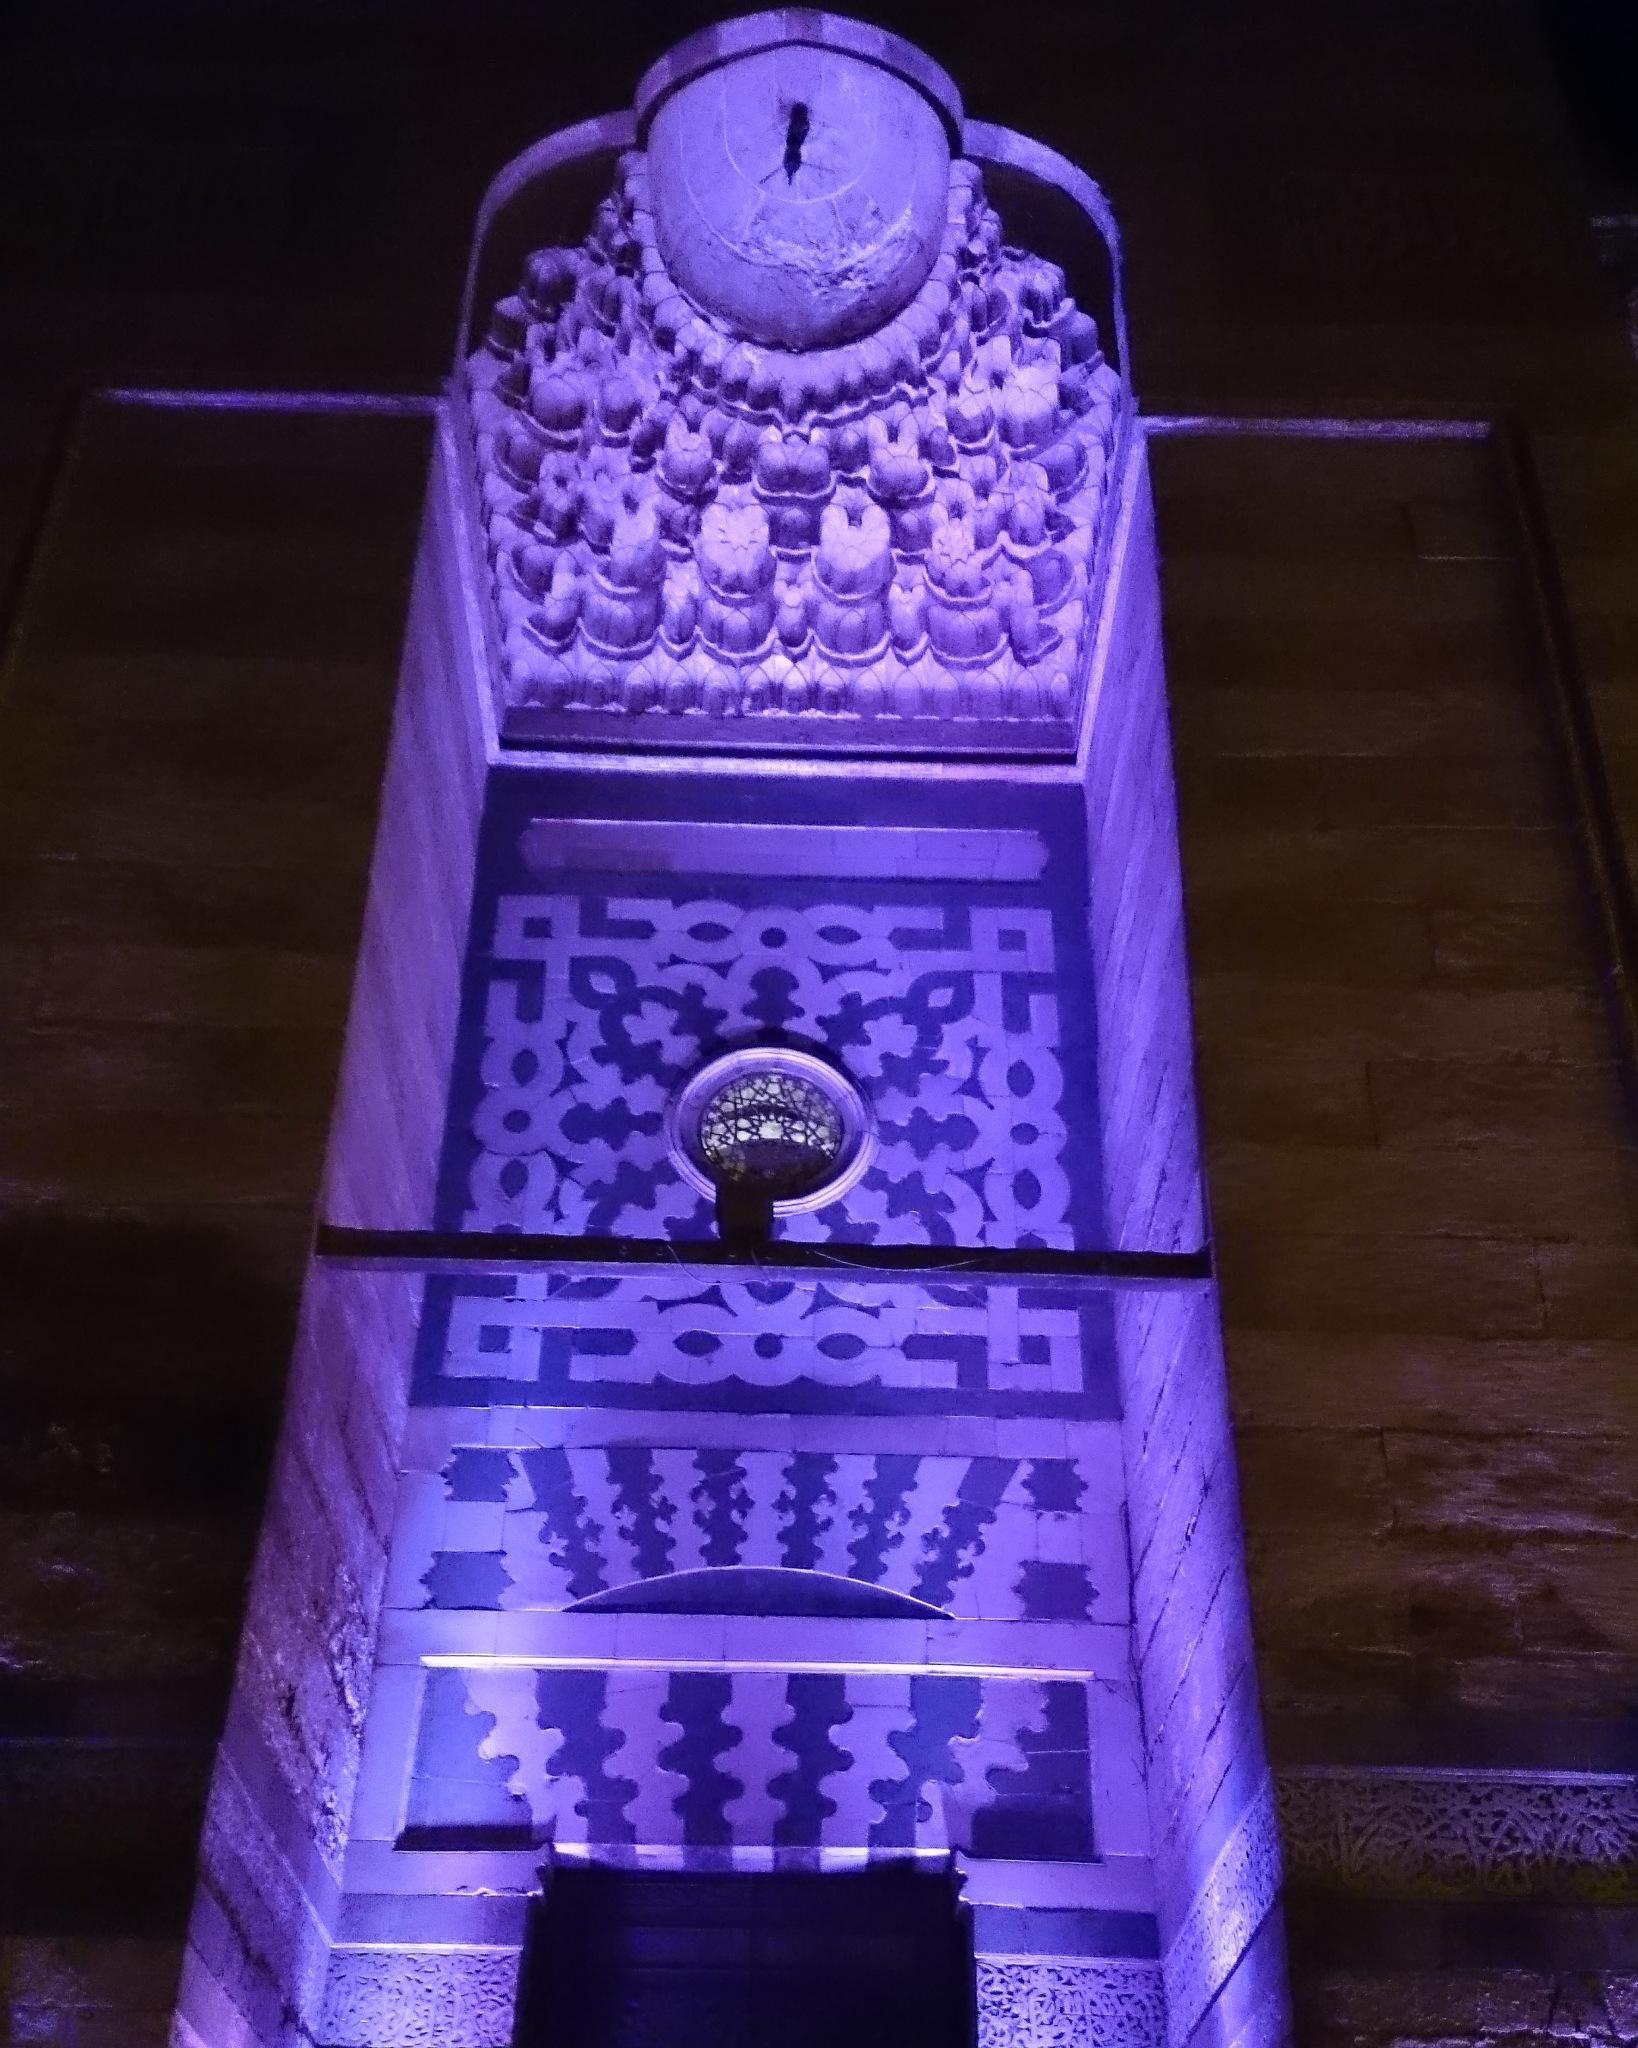 باب مسجد الحاكم بأمر الله  by MaGaDen